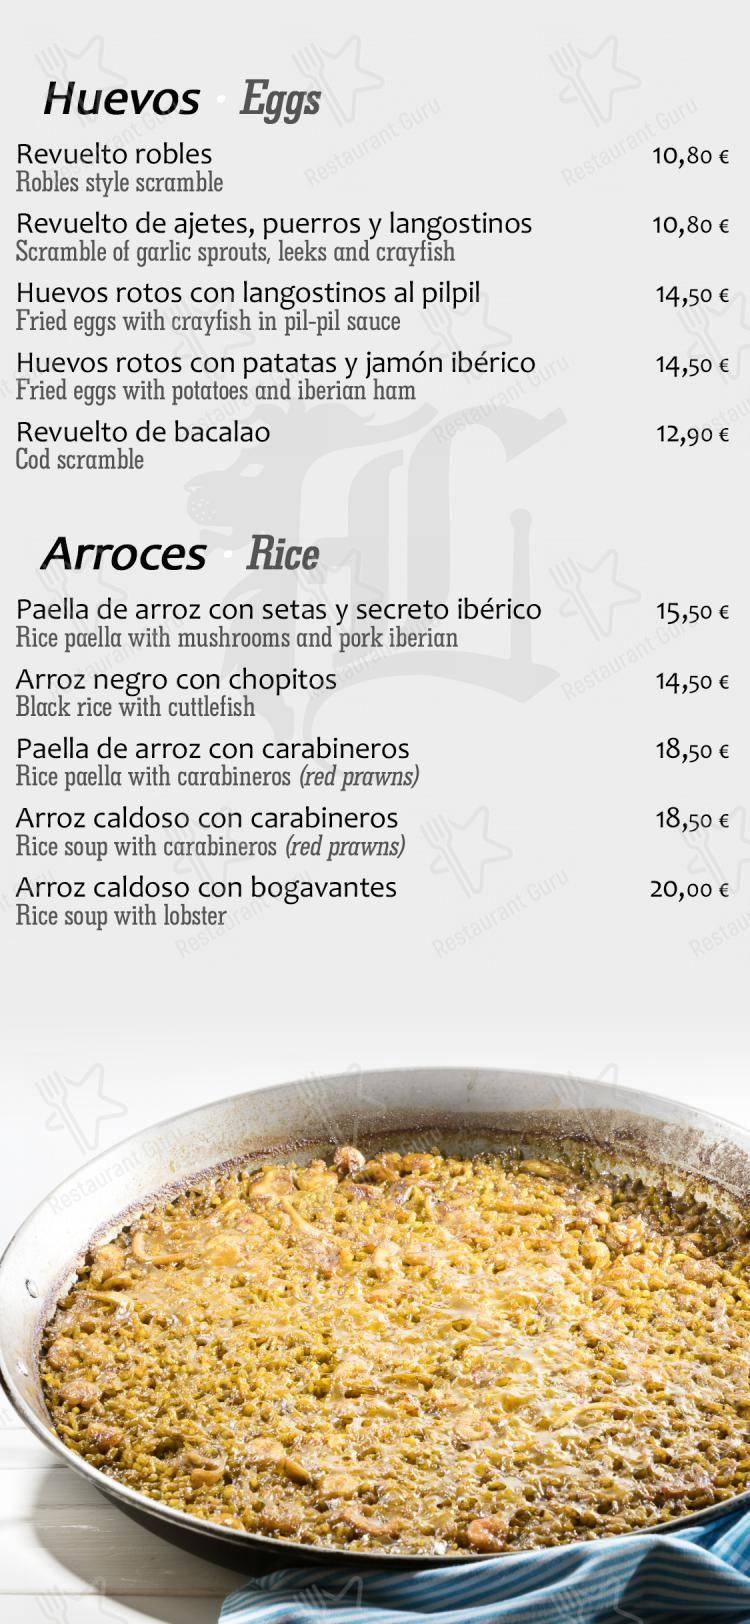 Check out the menu for Los Robles de León